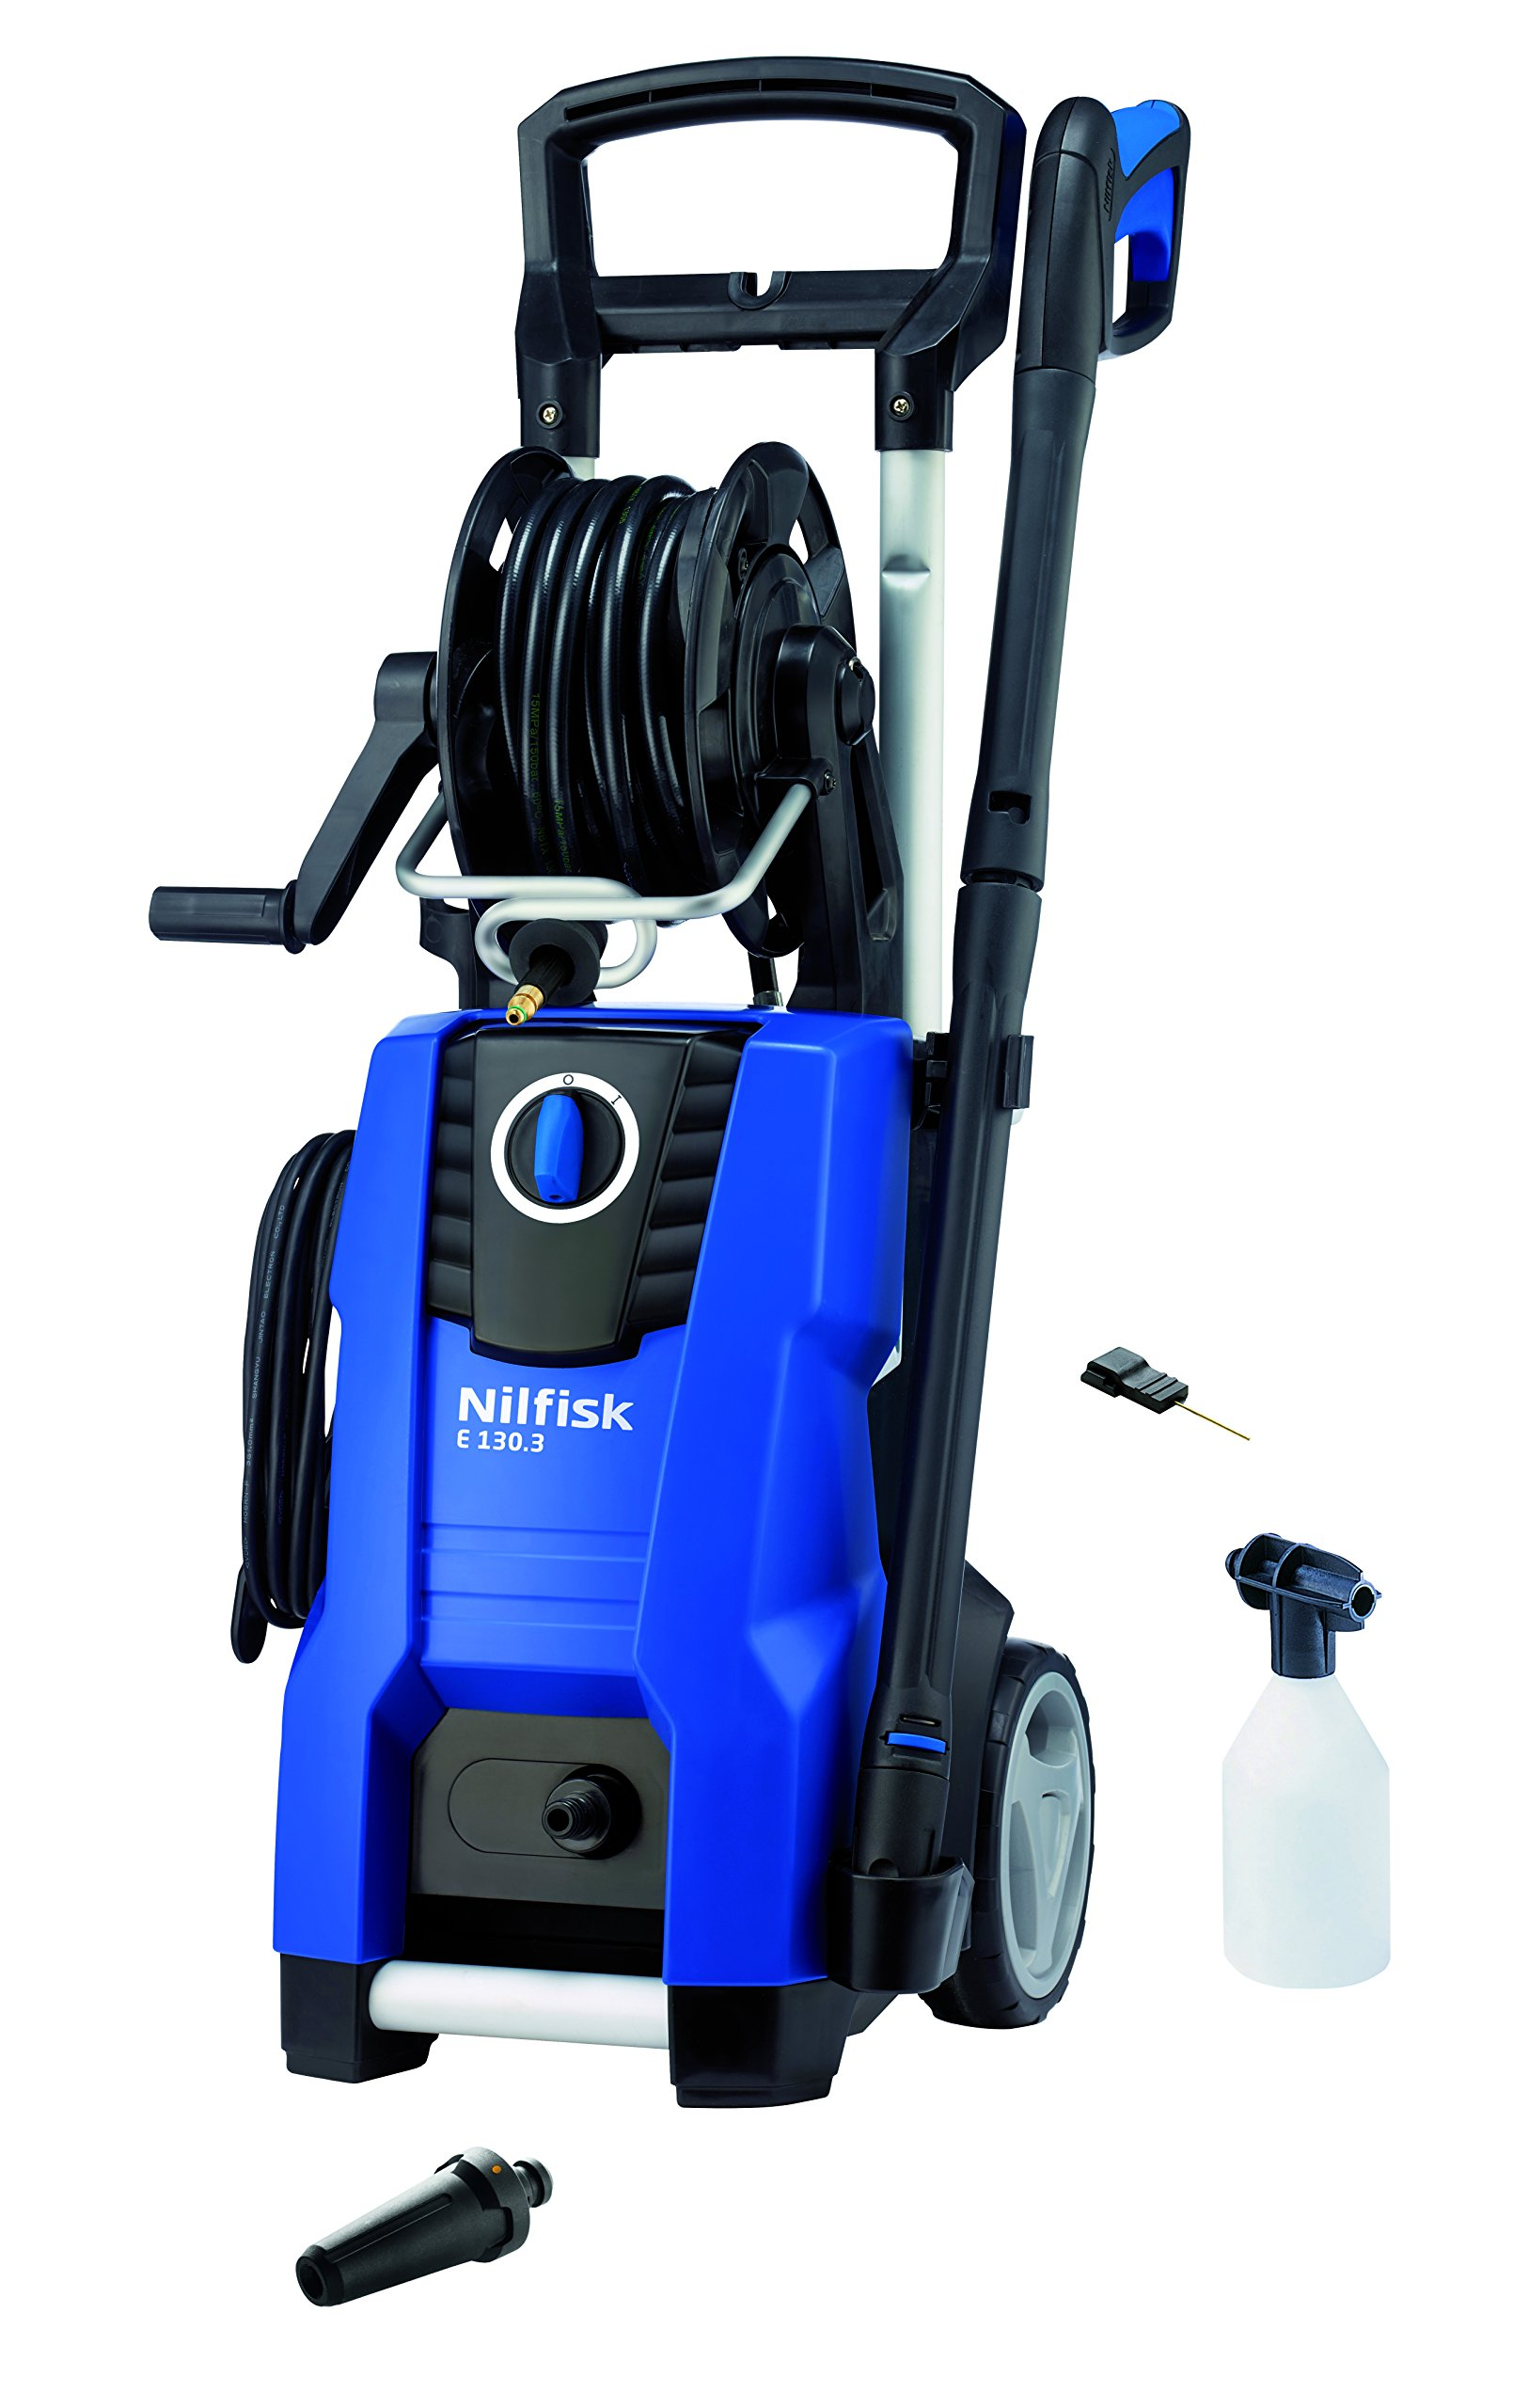 Nilfisk-E-1303-9-X-tra-Hochdruckreiniger-blau-128470502